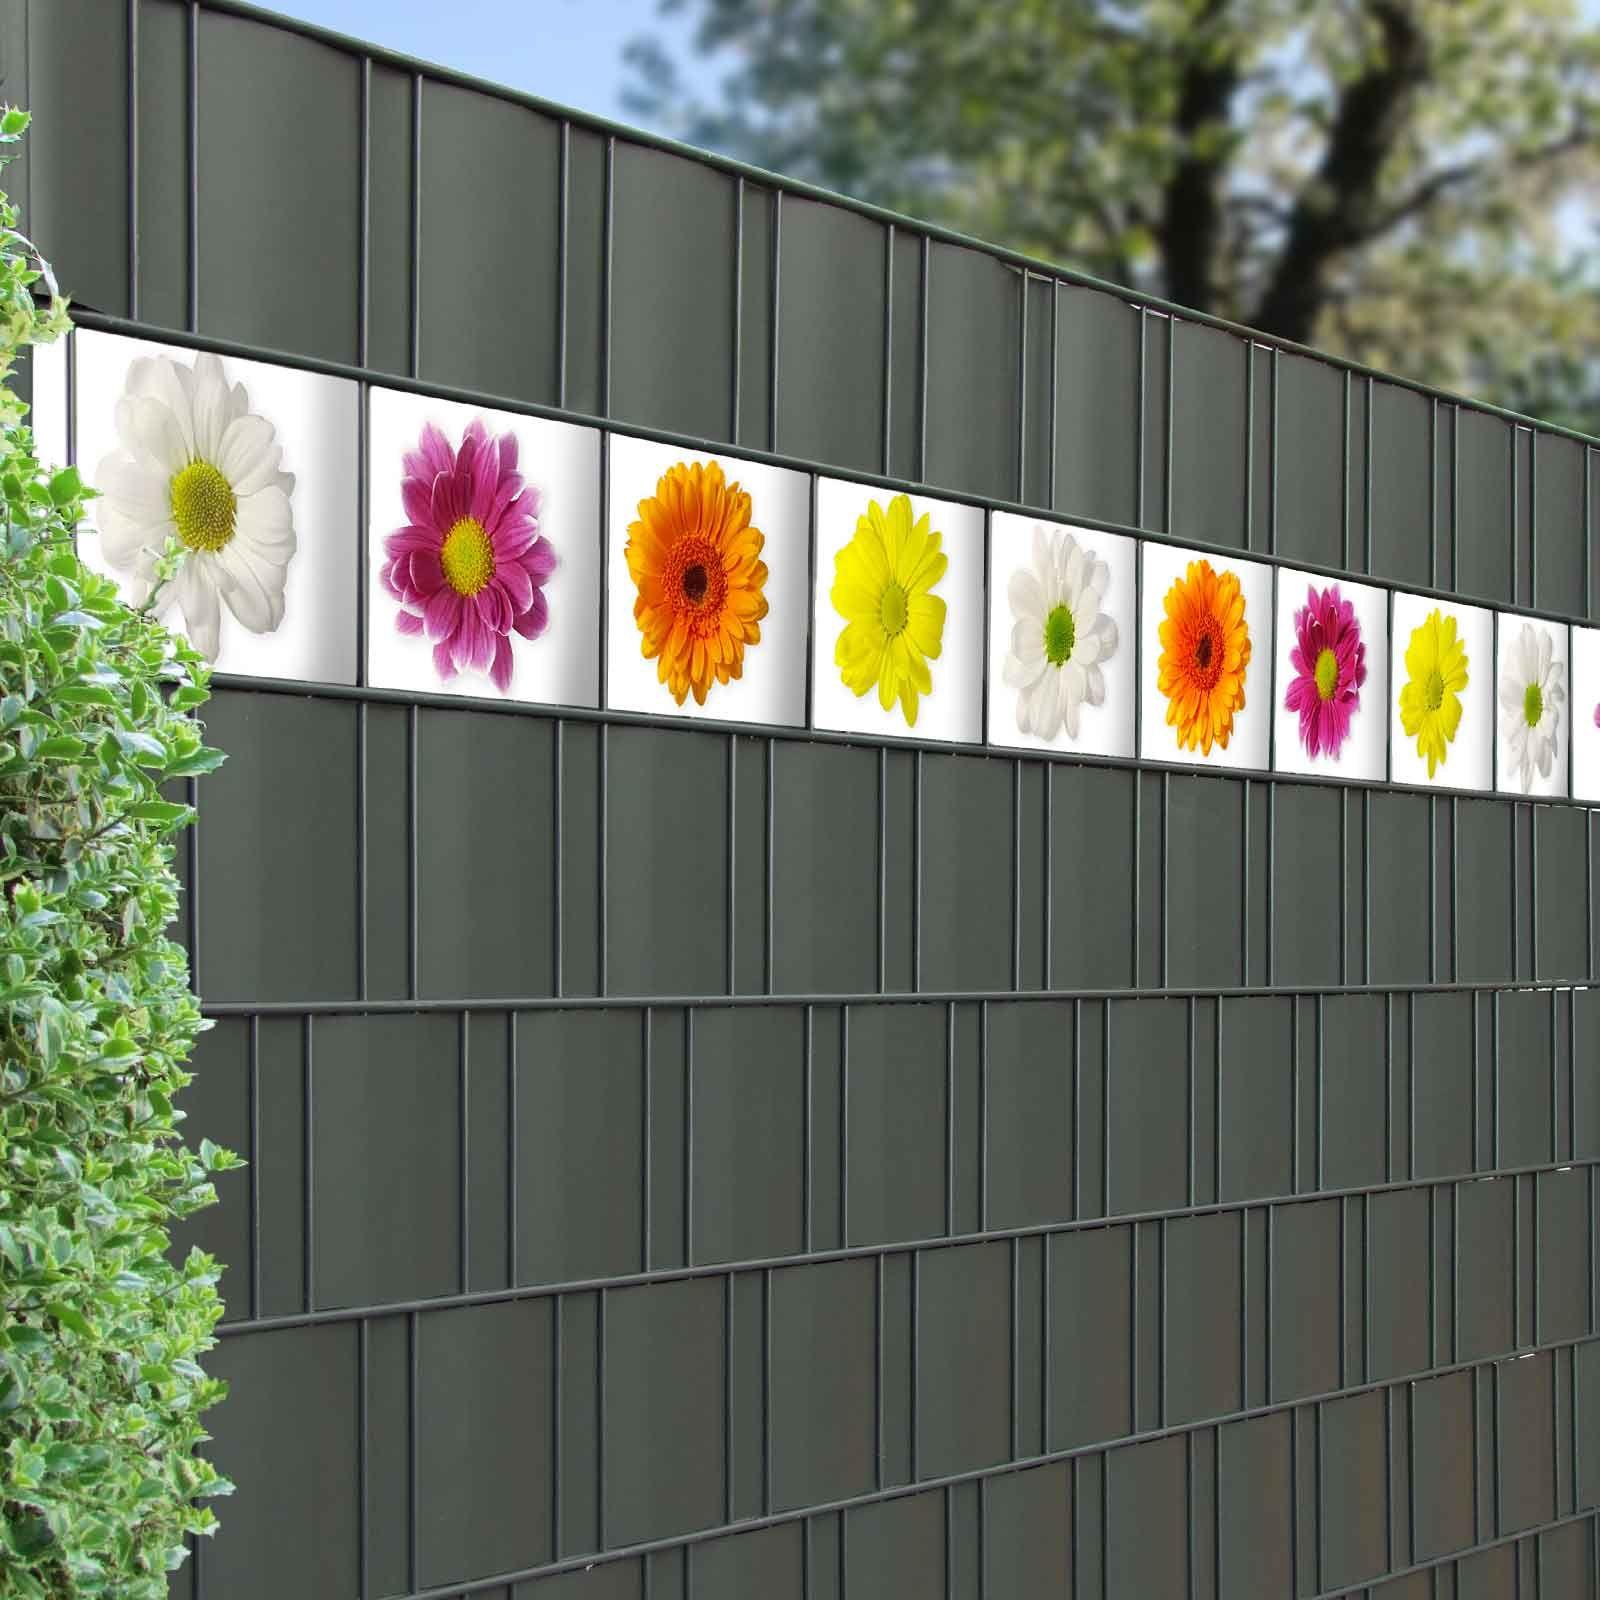 Pvc Sichtschutz Streifen Mit Bluten Motiv Sichtschutzzaun Bunte Blumen Kinder Garten